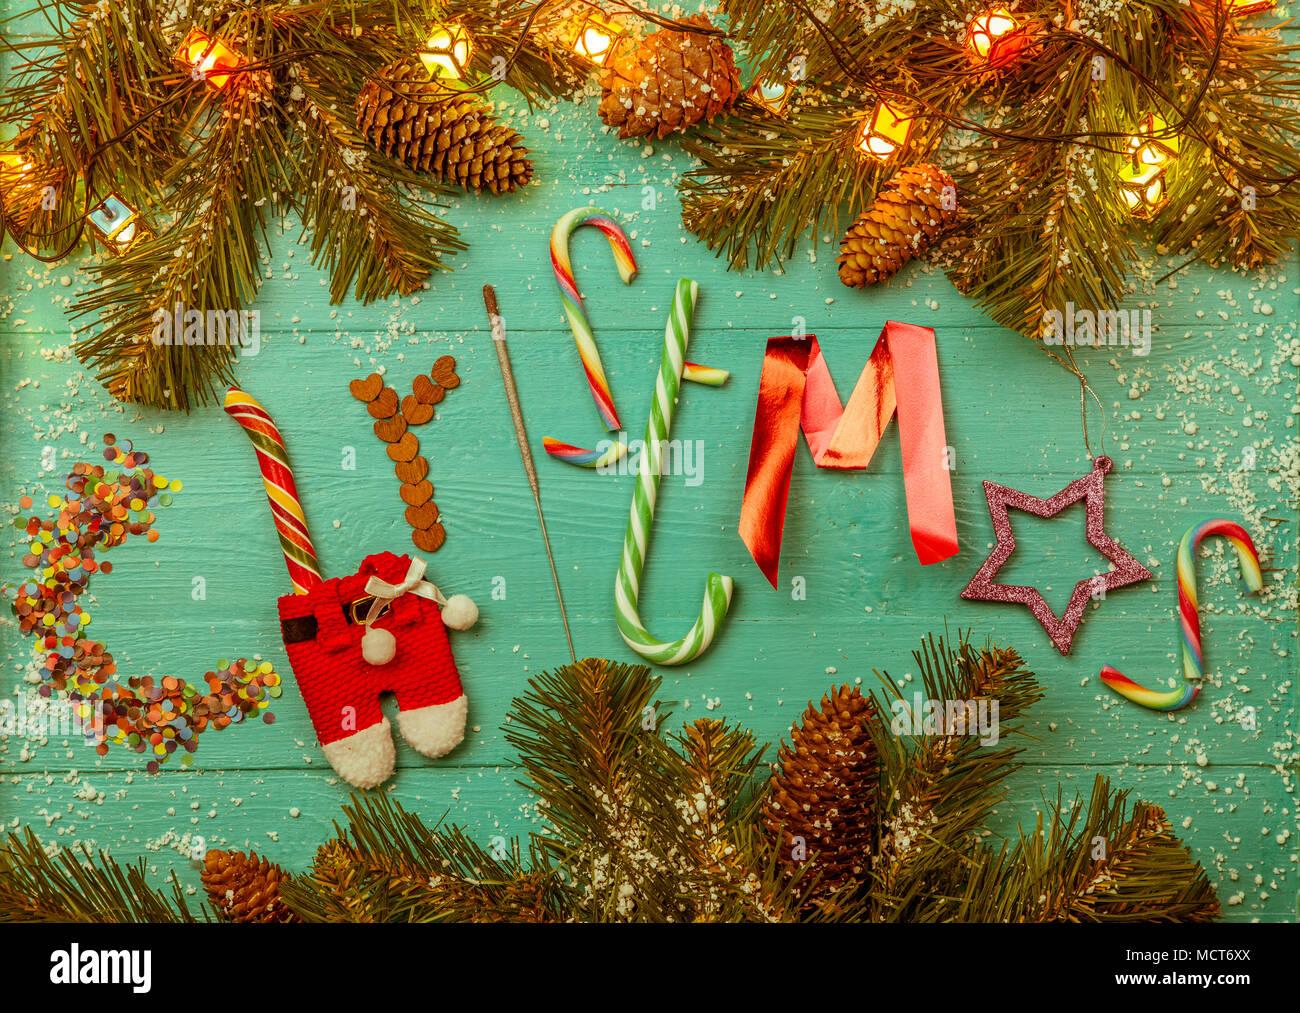 Bild der blauen Tabelle mit Niederlassungen Fichte, Wort Weihnachten ...